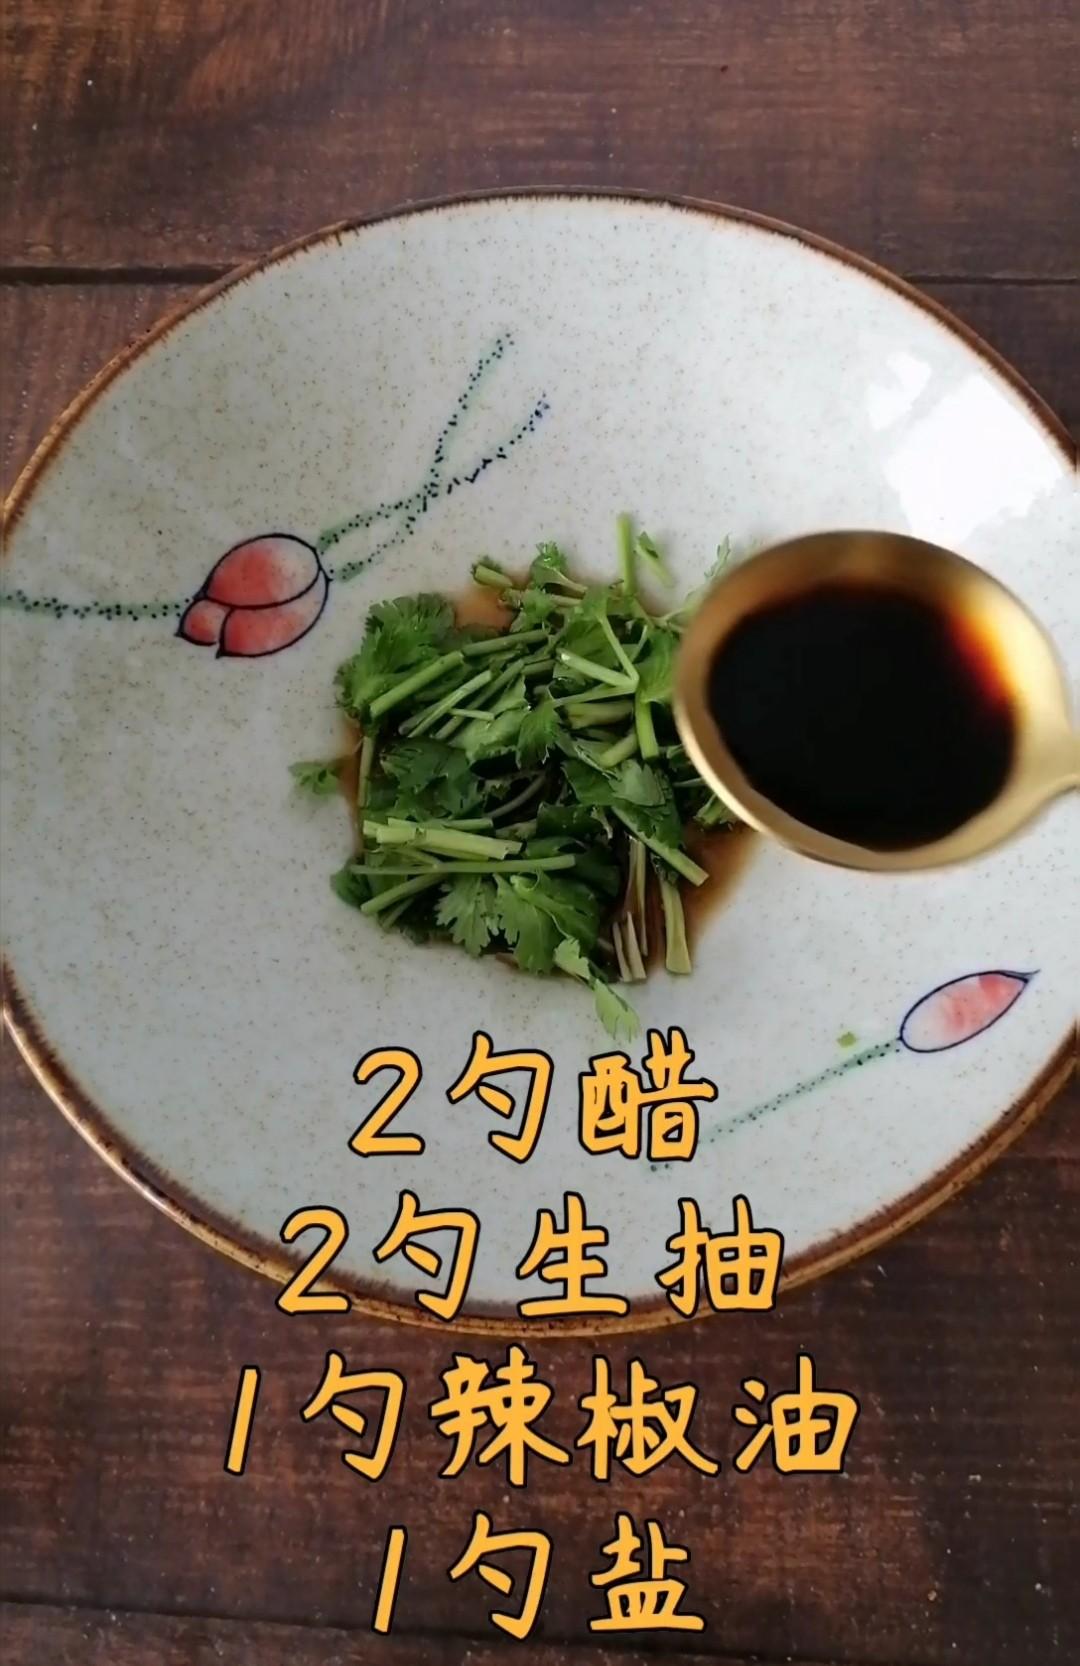 酸汤水饺的做法图解